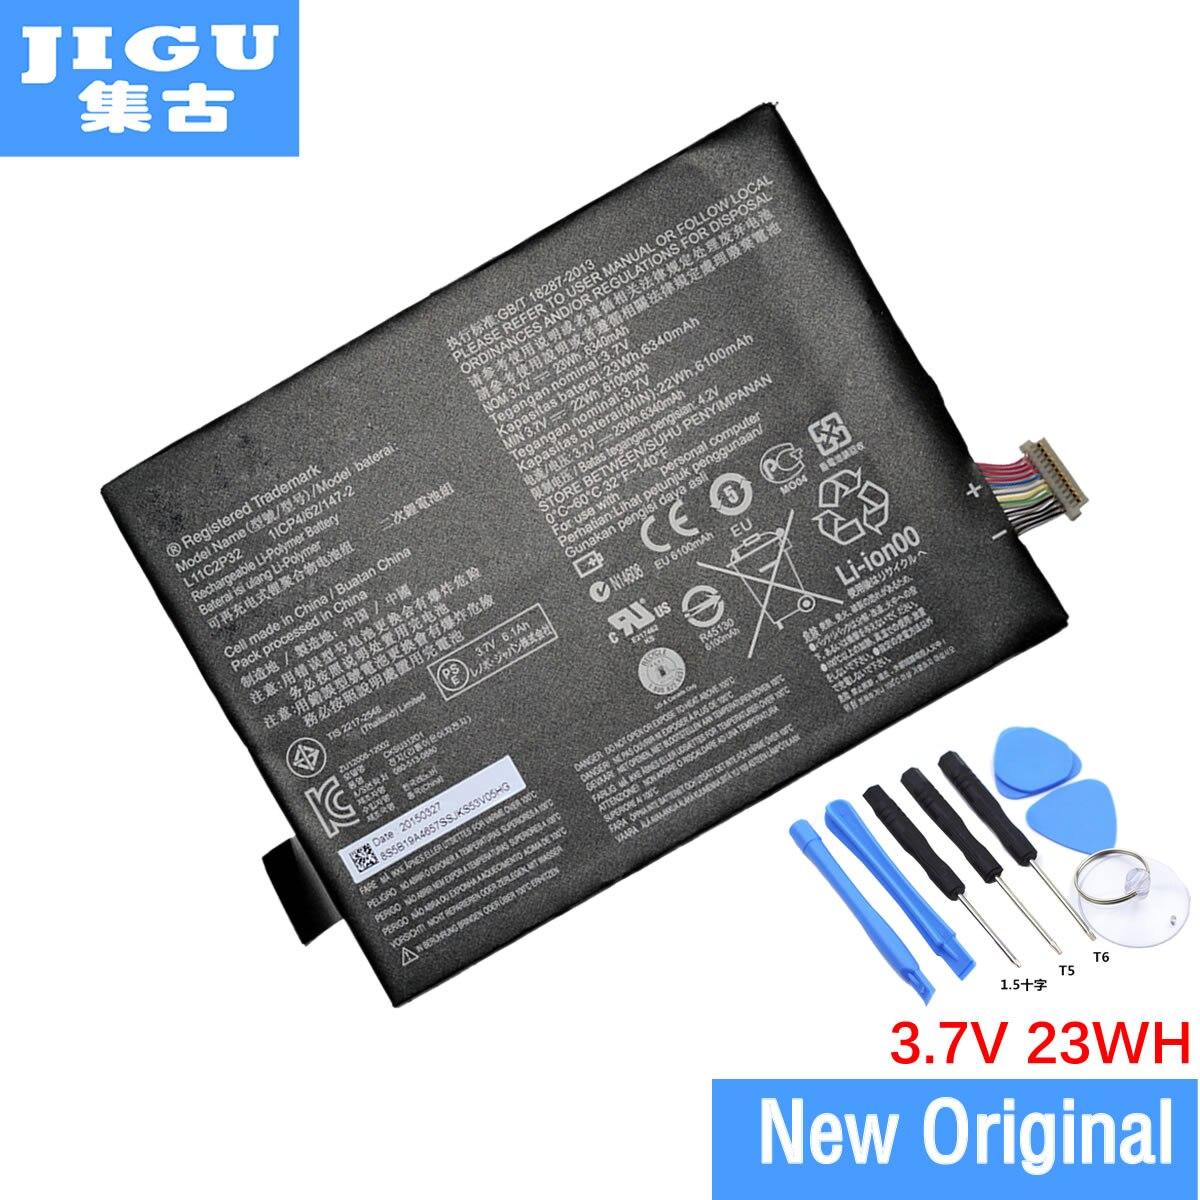 JIGU 100% Pc Originale Sostituzione Della Batteria 6350 mah Per Lenovo IdeaTab S6000 Idea Tab S600H B6000-F Bateria L11C2P32JIGU 100% Pc Originale Sostituzione Della Batteria 6350 mah Per Lenovo IdeaTab S6000 Idea Tab S600H B6000-F Bateria L11C2P32